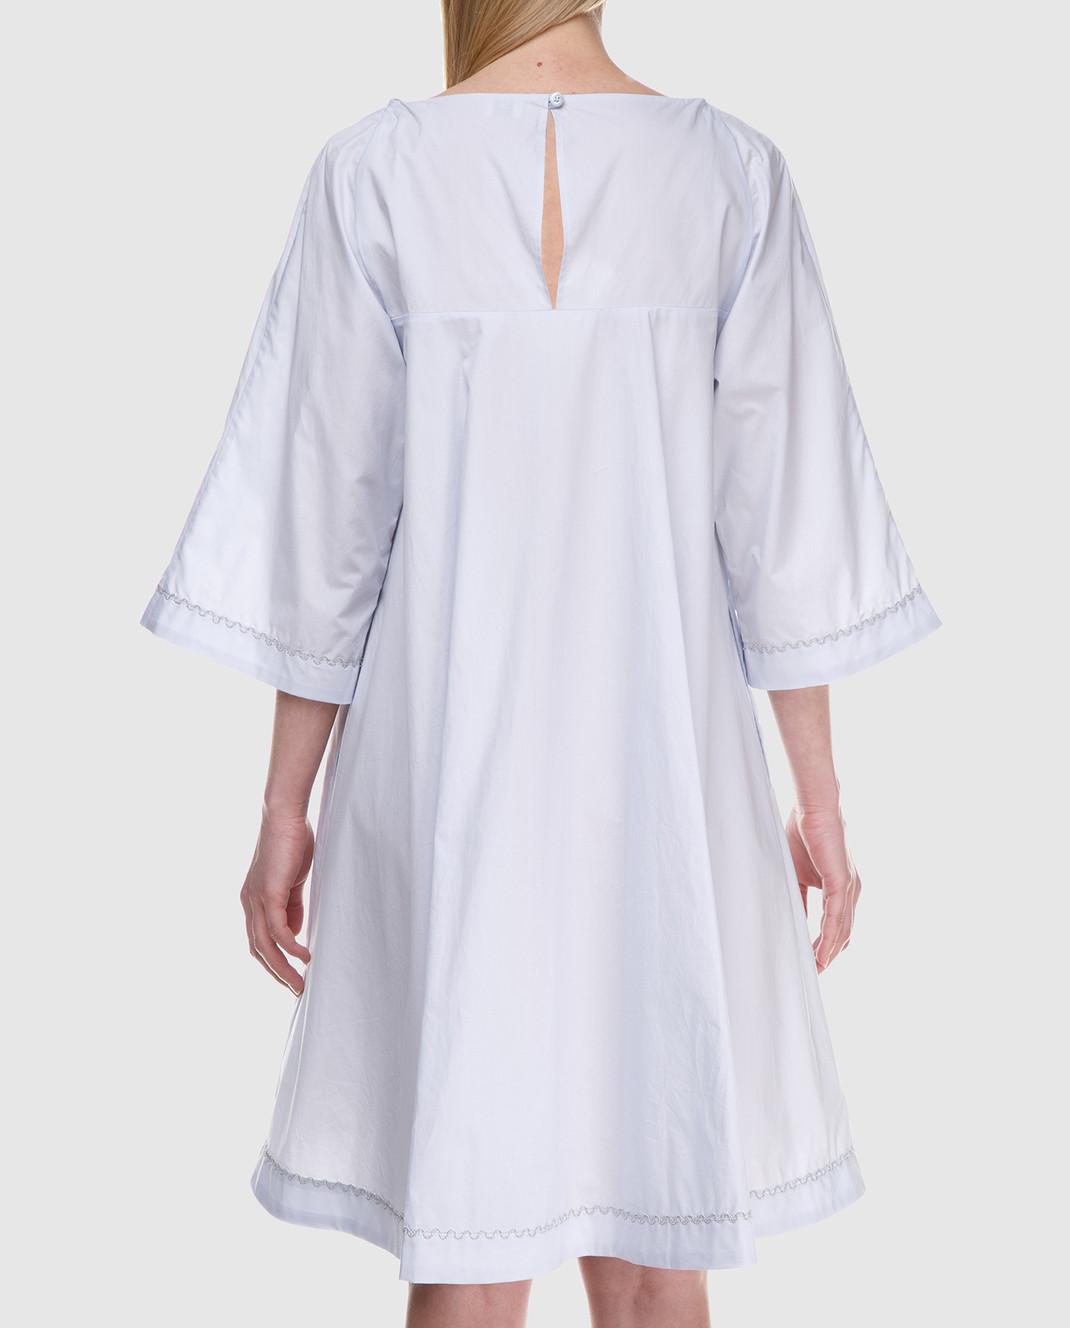 COLOMBO Белое платье  AB00269T0434 изображение 4